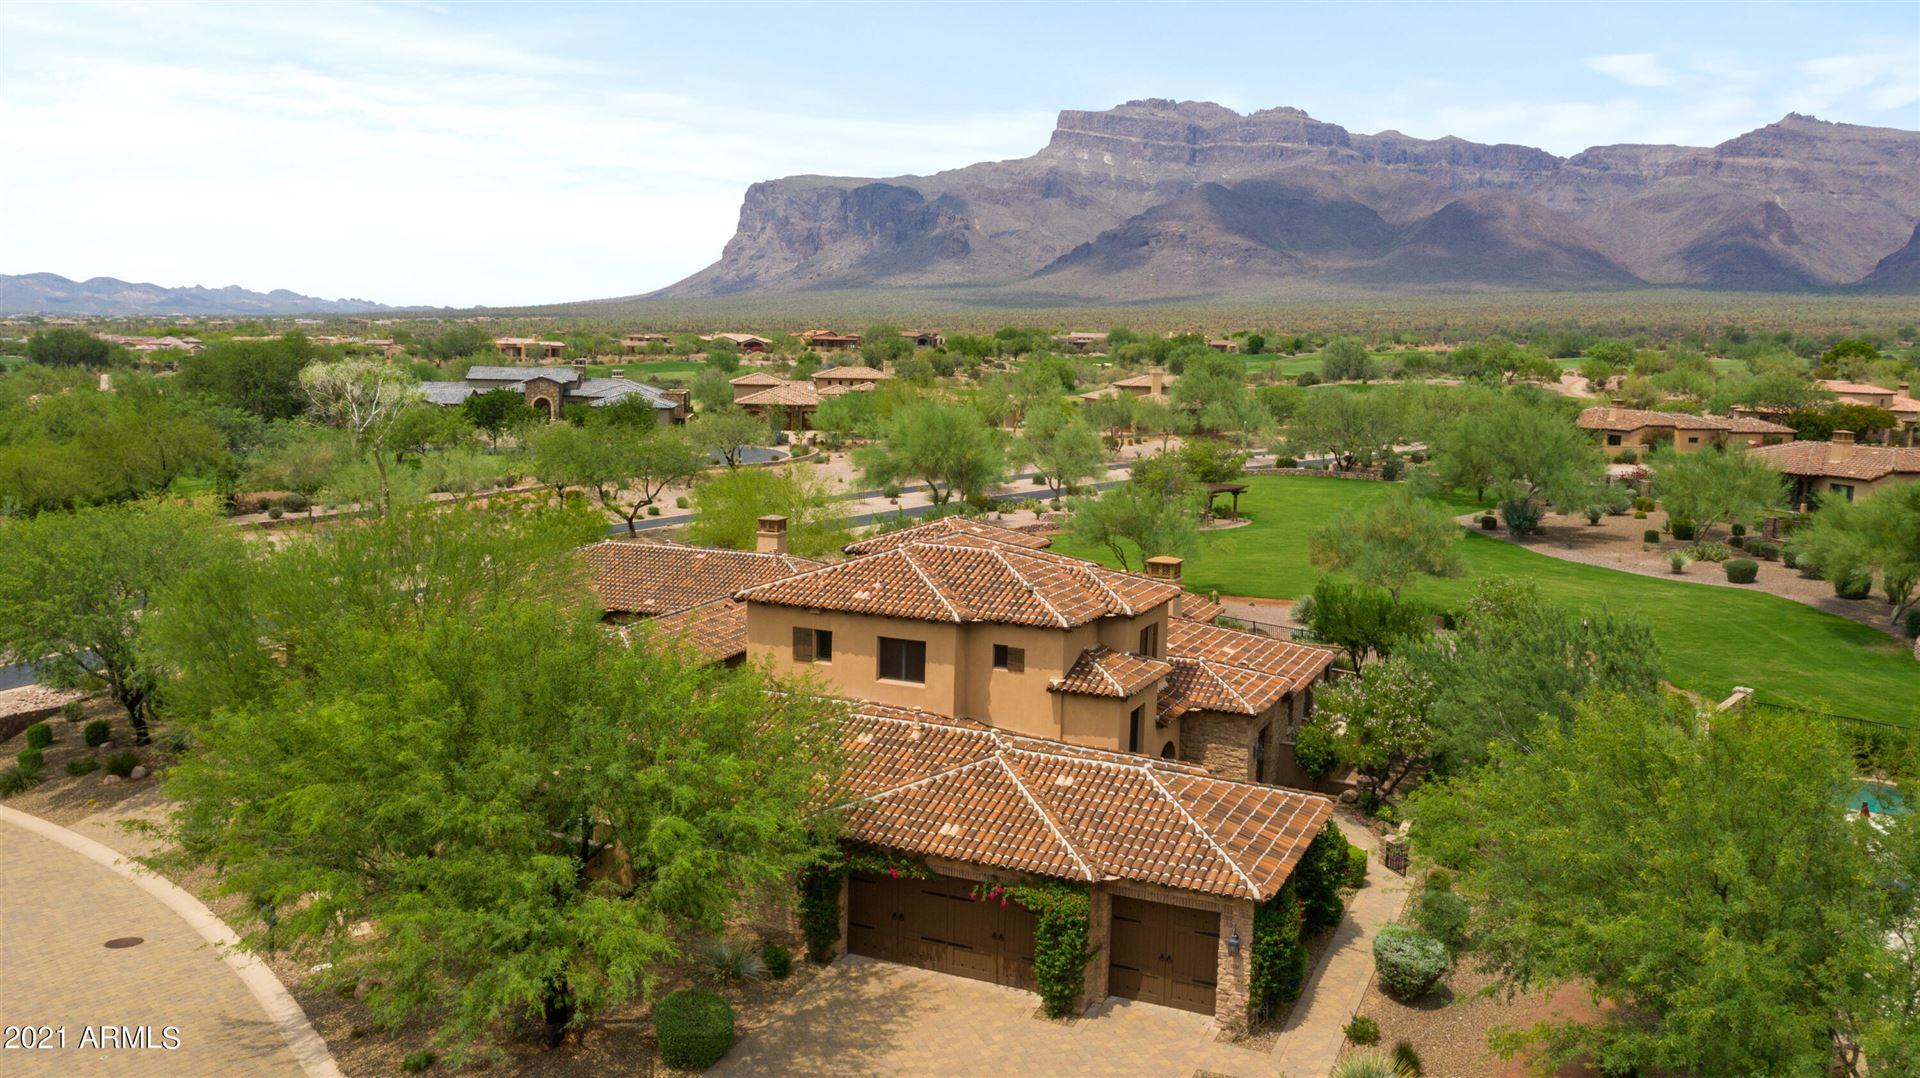 3134 S PROSPECTOR Circle, Gold Canyon, AZ 85118 - MLS#: 6232502